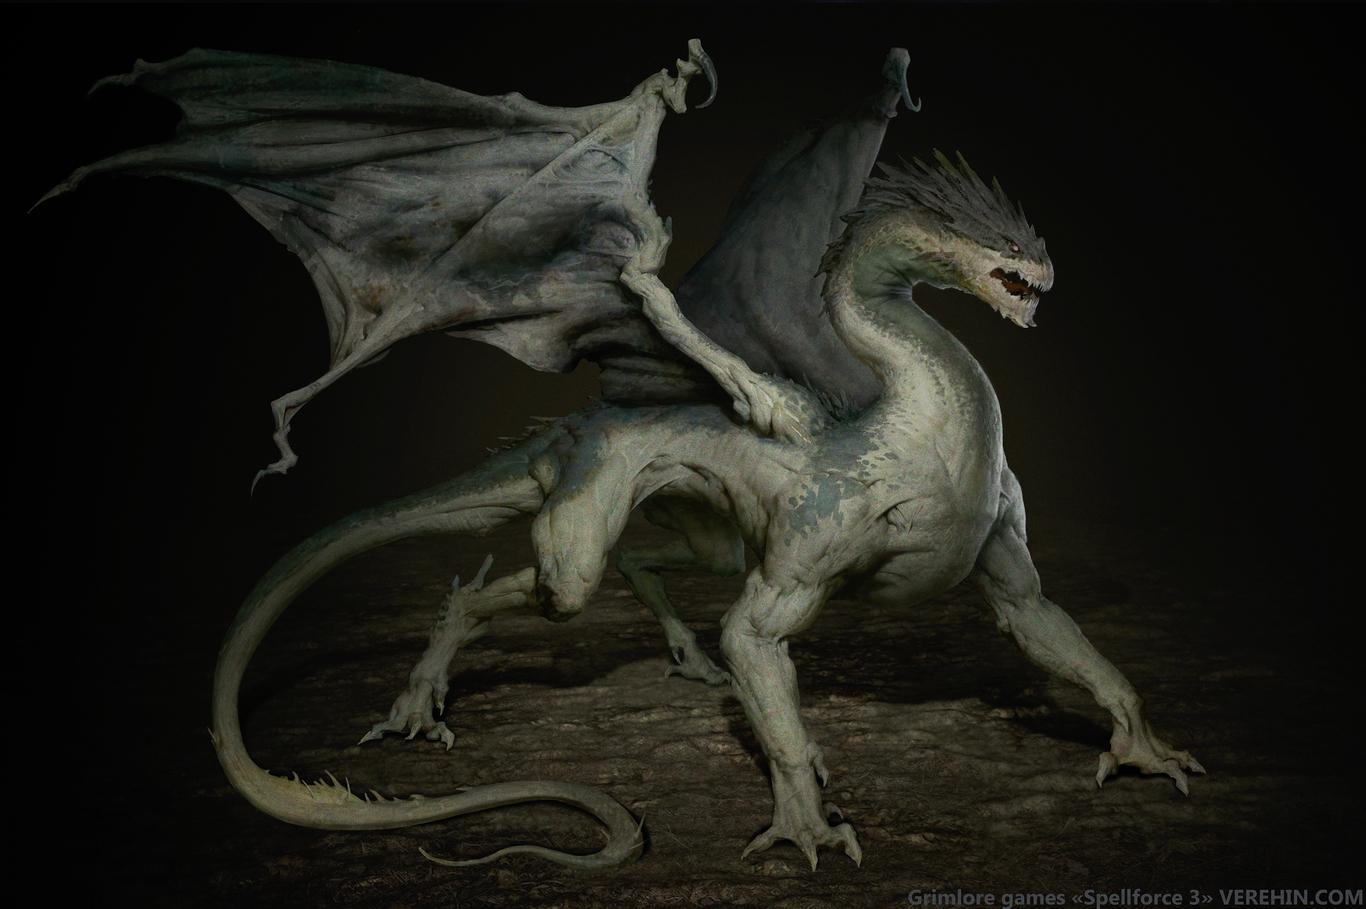 Maxverehin dragon 1 81596fc2 a0y2